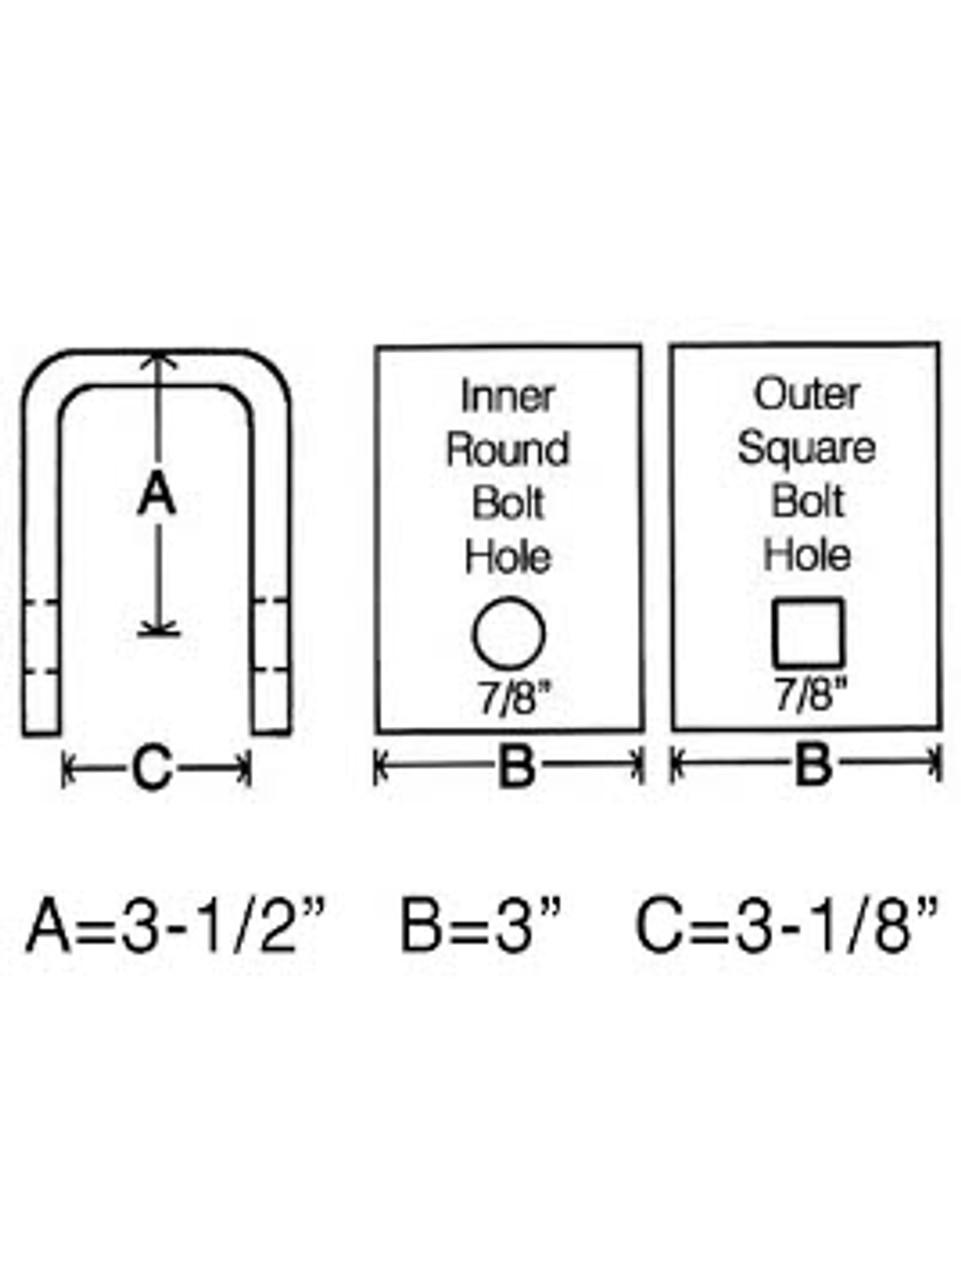 CH291 --- Center Hanger for Equalizer - Standard Duty